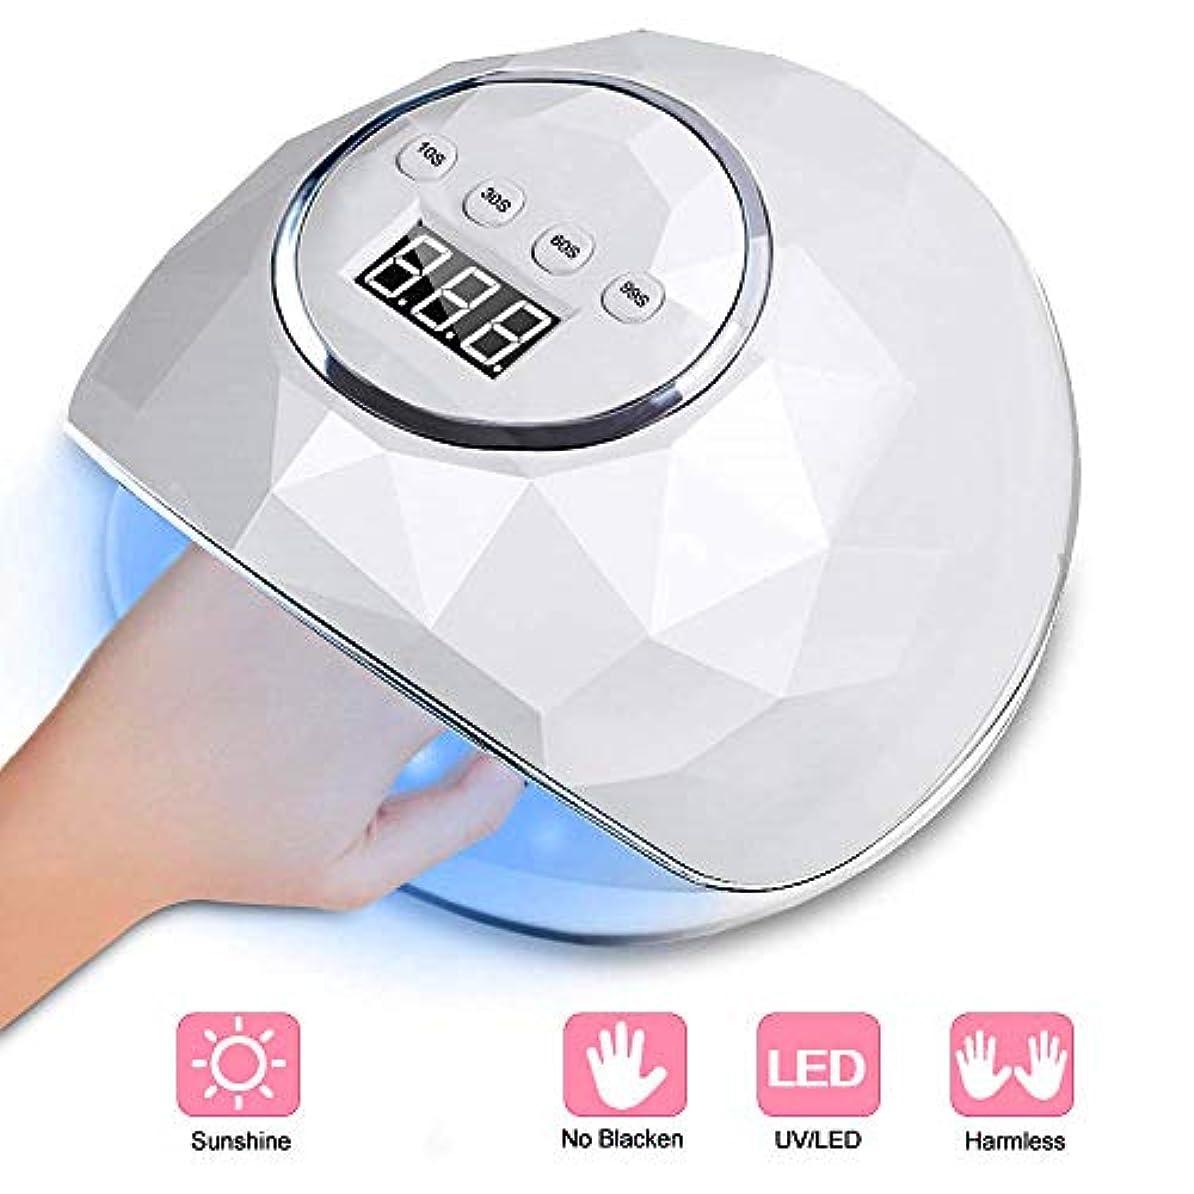 不調和コーチ謝罪紫外線ジェルネイル光線療法ランプ72Wスマート誘導マニキュアランプマニキュアマシンでジェルネイルポリッシュキット